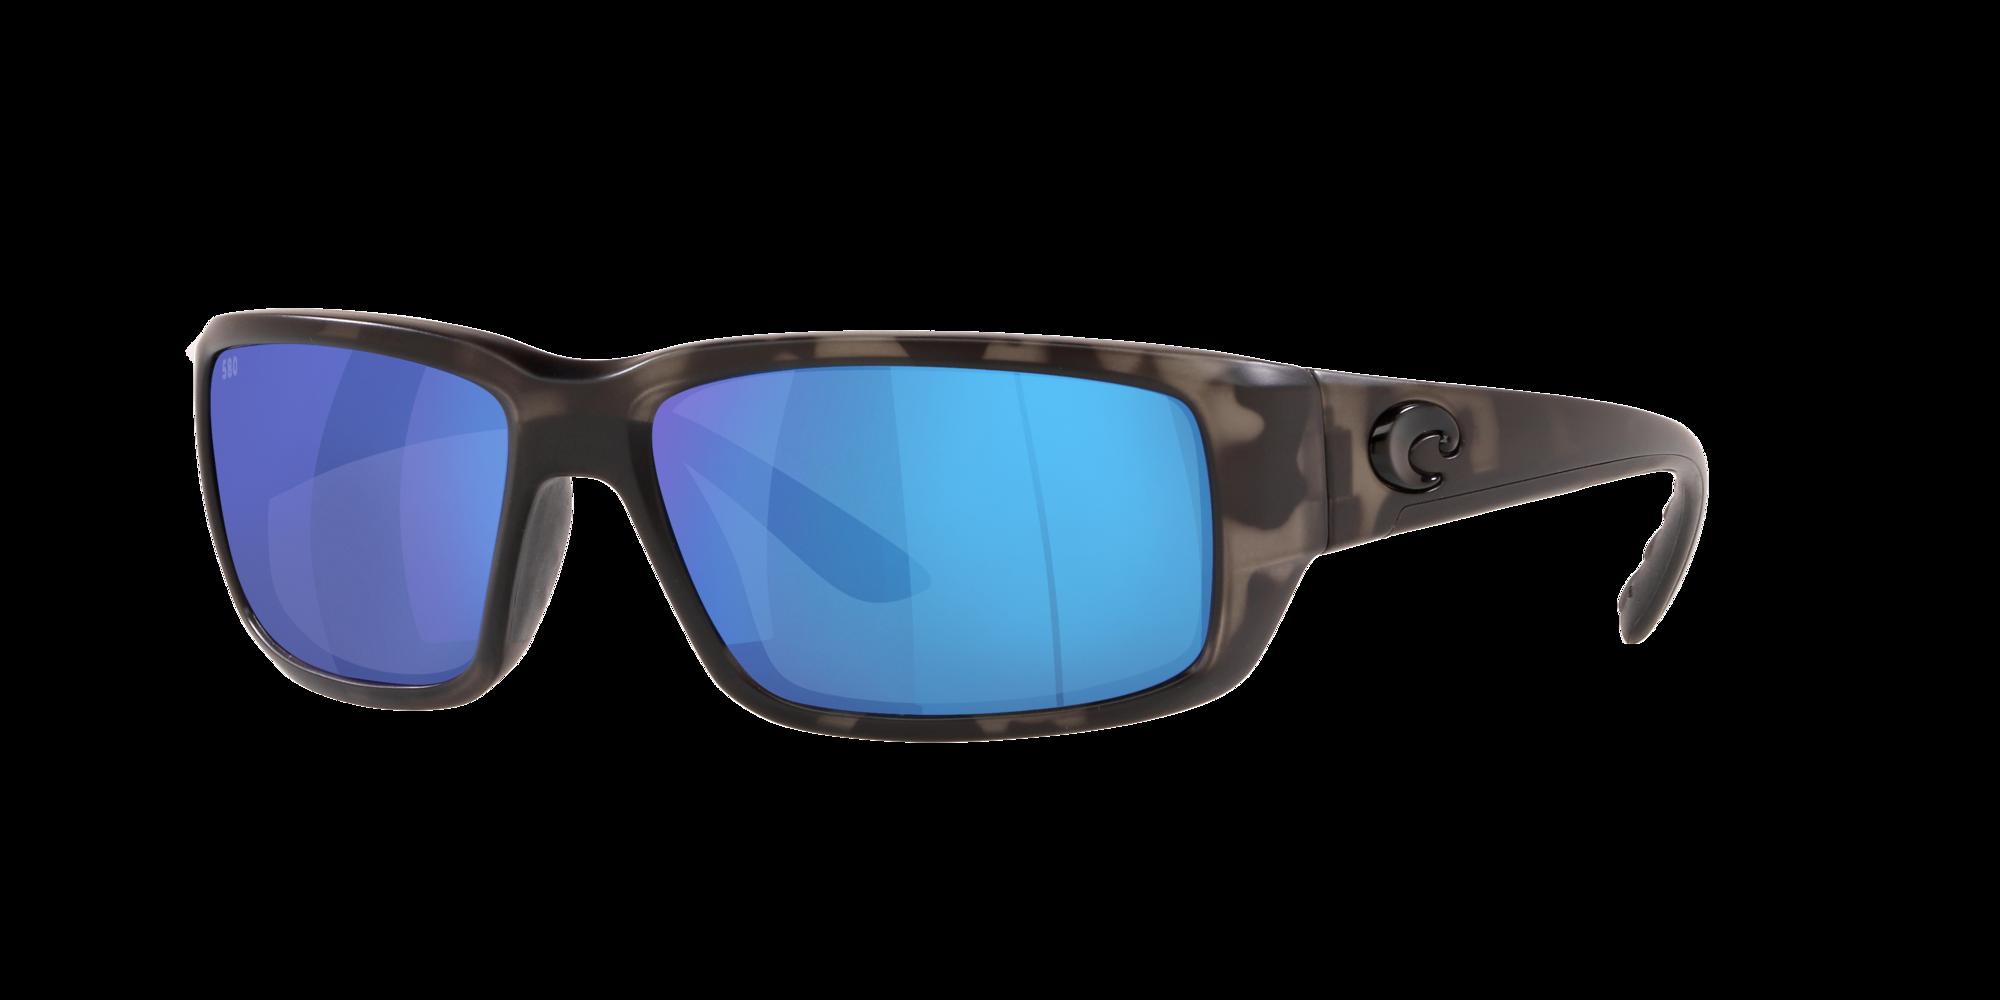 Costa Del Mar FANTAIL Ocearch Matt Tiger Shark //Polarized Blue Mirror Glass 580G